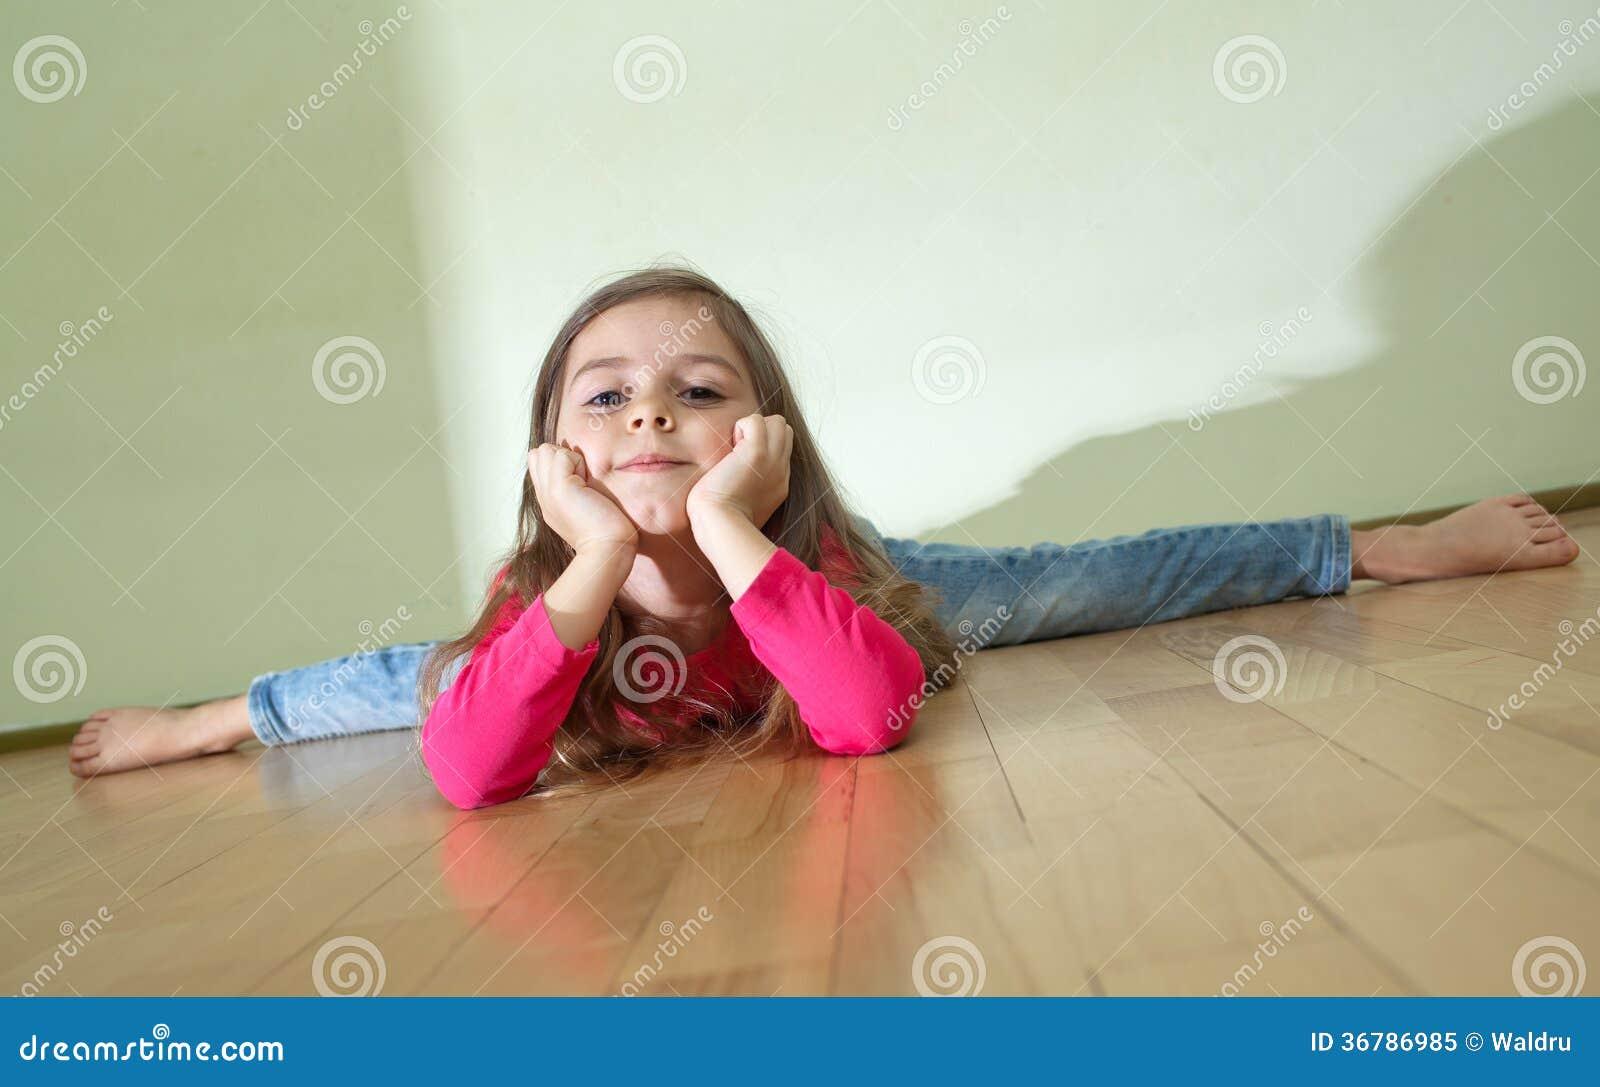 girls doing splits on dildos